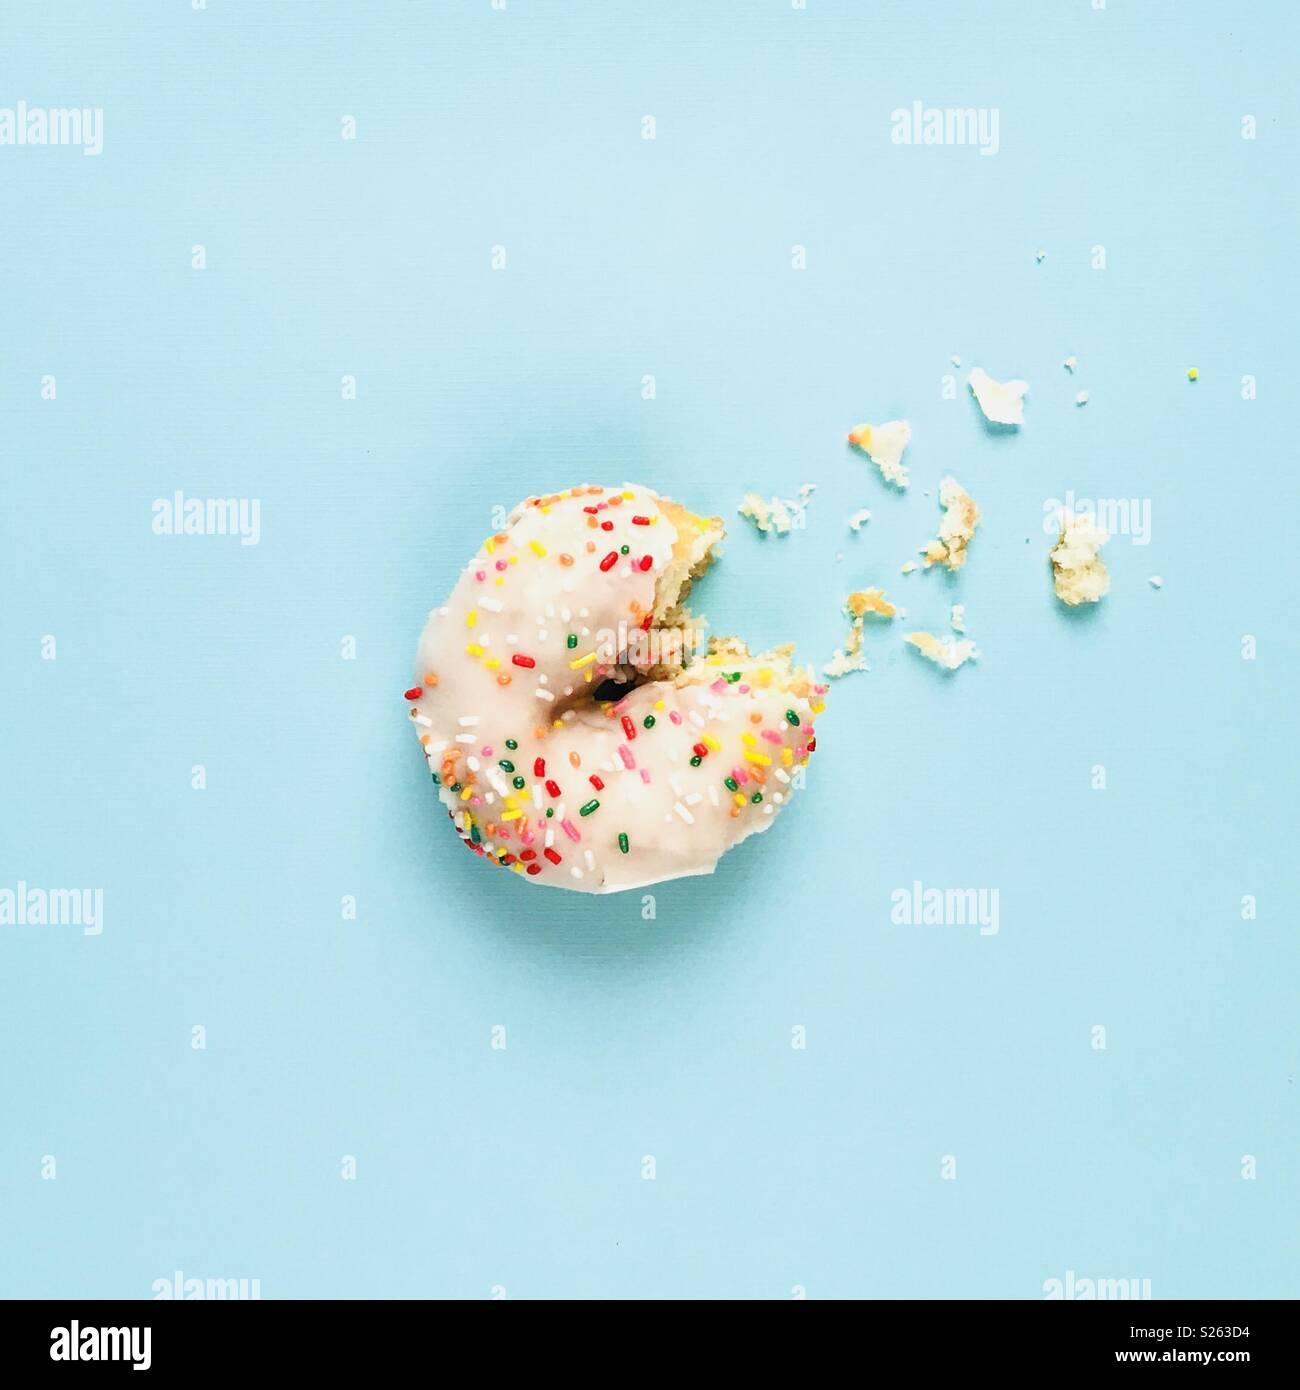 Ein weißer Sprühregen Donut mit einem Bissen aus auf einem blauen Hintergrund. Stockbild